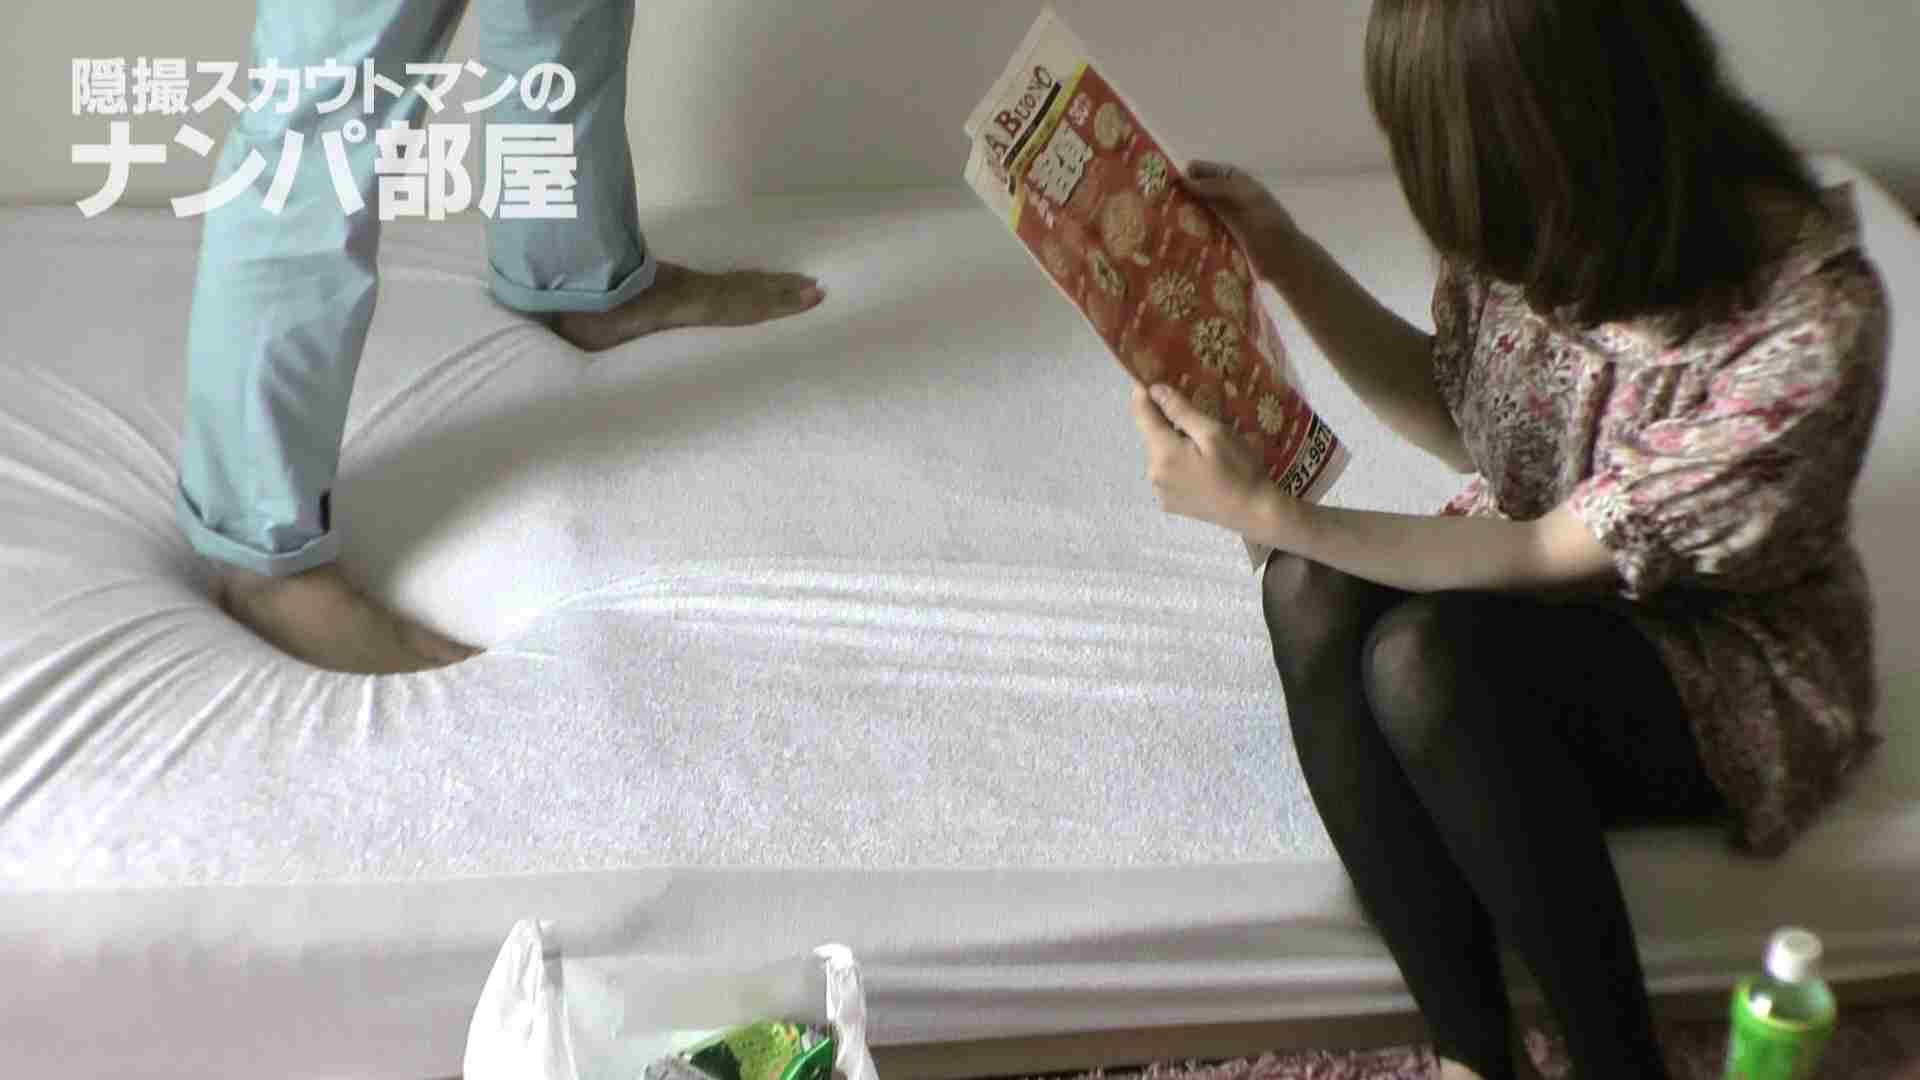 隠撮スカウトマンのナンパ部屋~風俗デビュー前のつまみ食い~ sii 0   0  104画像 10